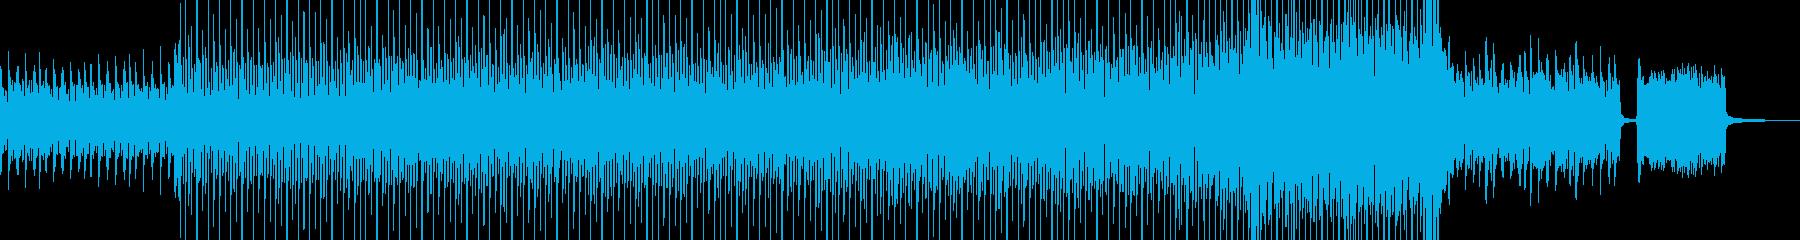 夜明け始まるピアノサックスオルガンギターの再生済みの波形